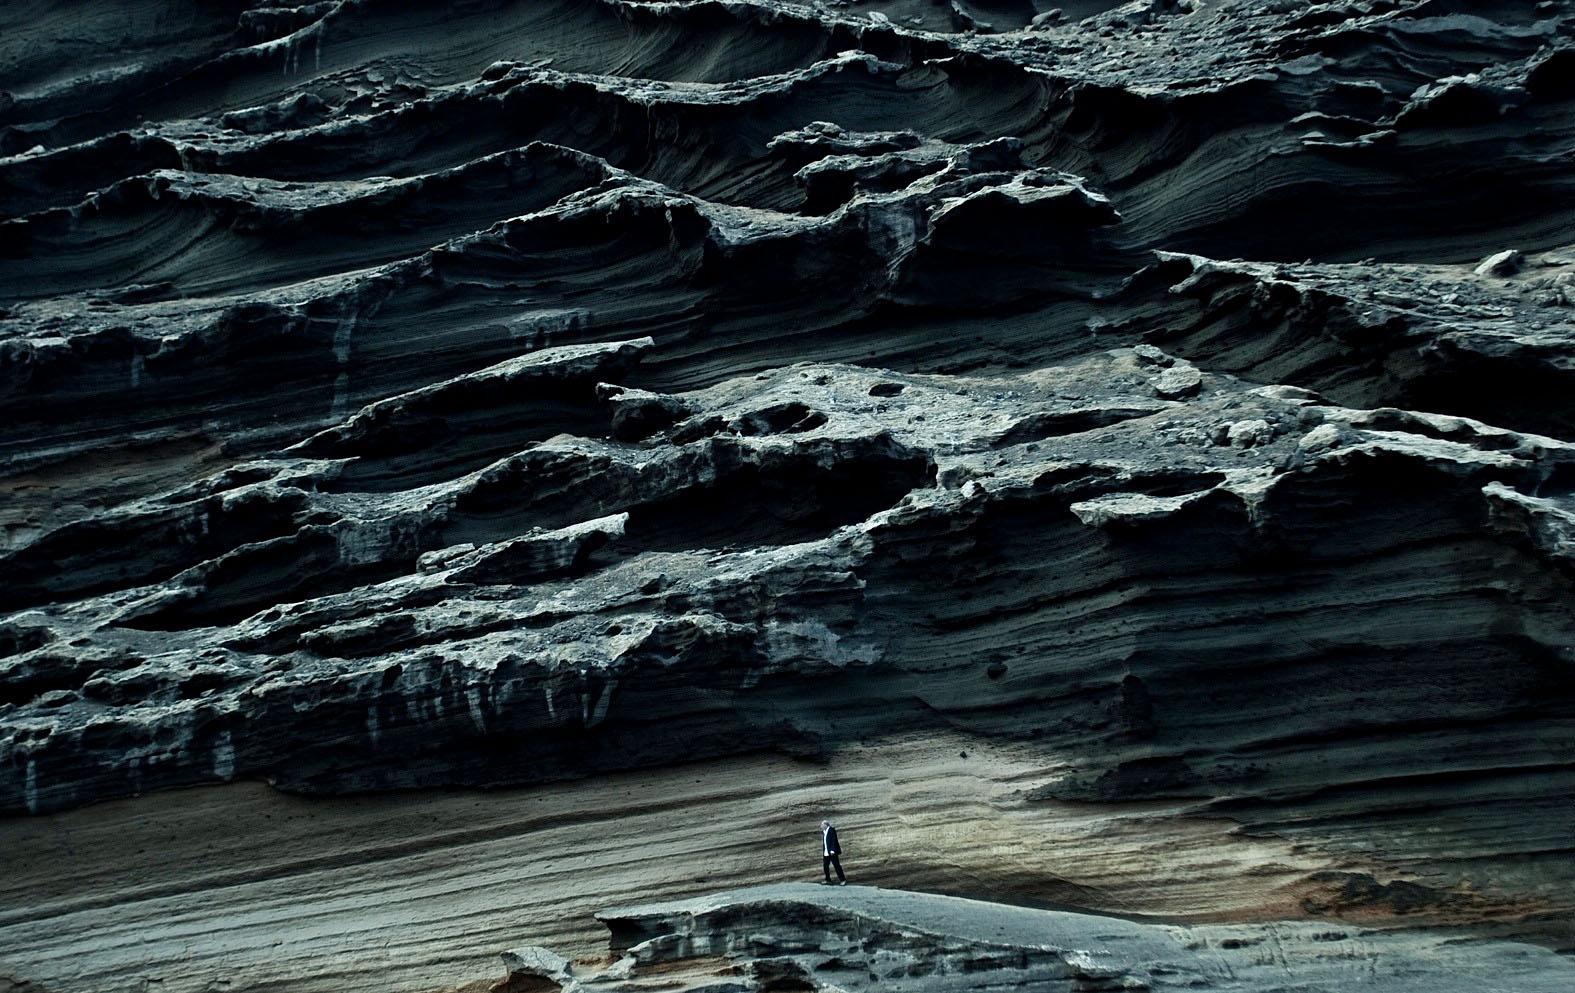 Dove_Cinematography_©PepAvila.367.jpg